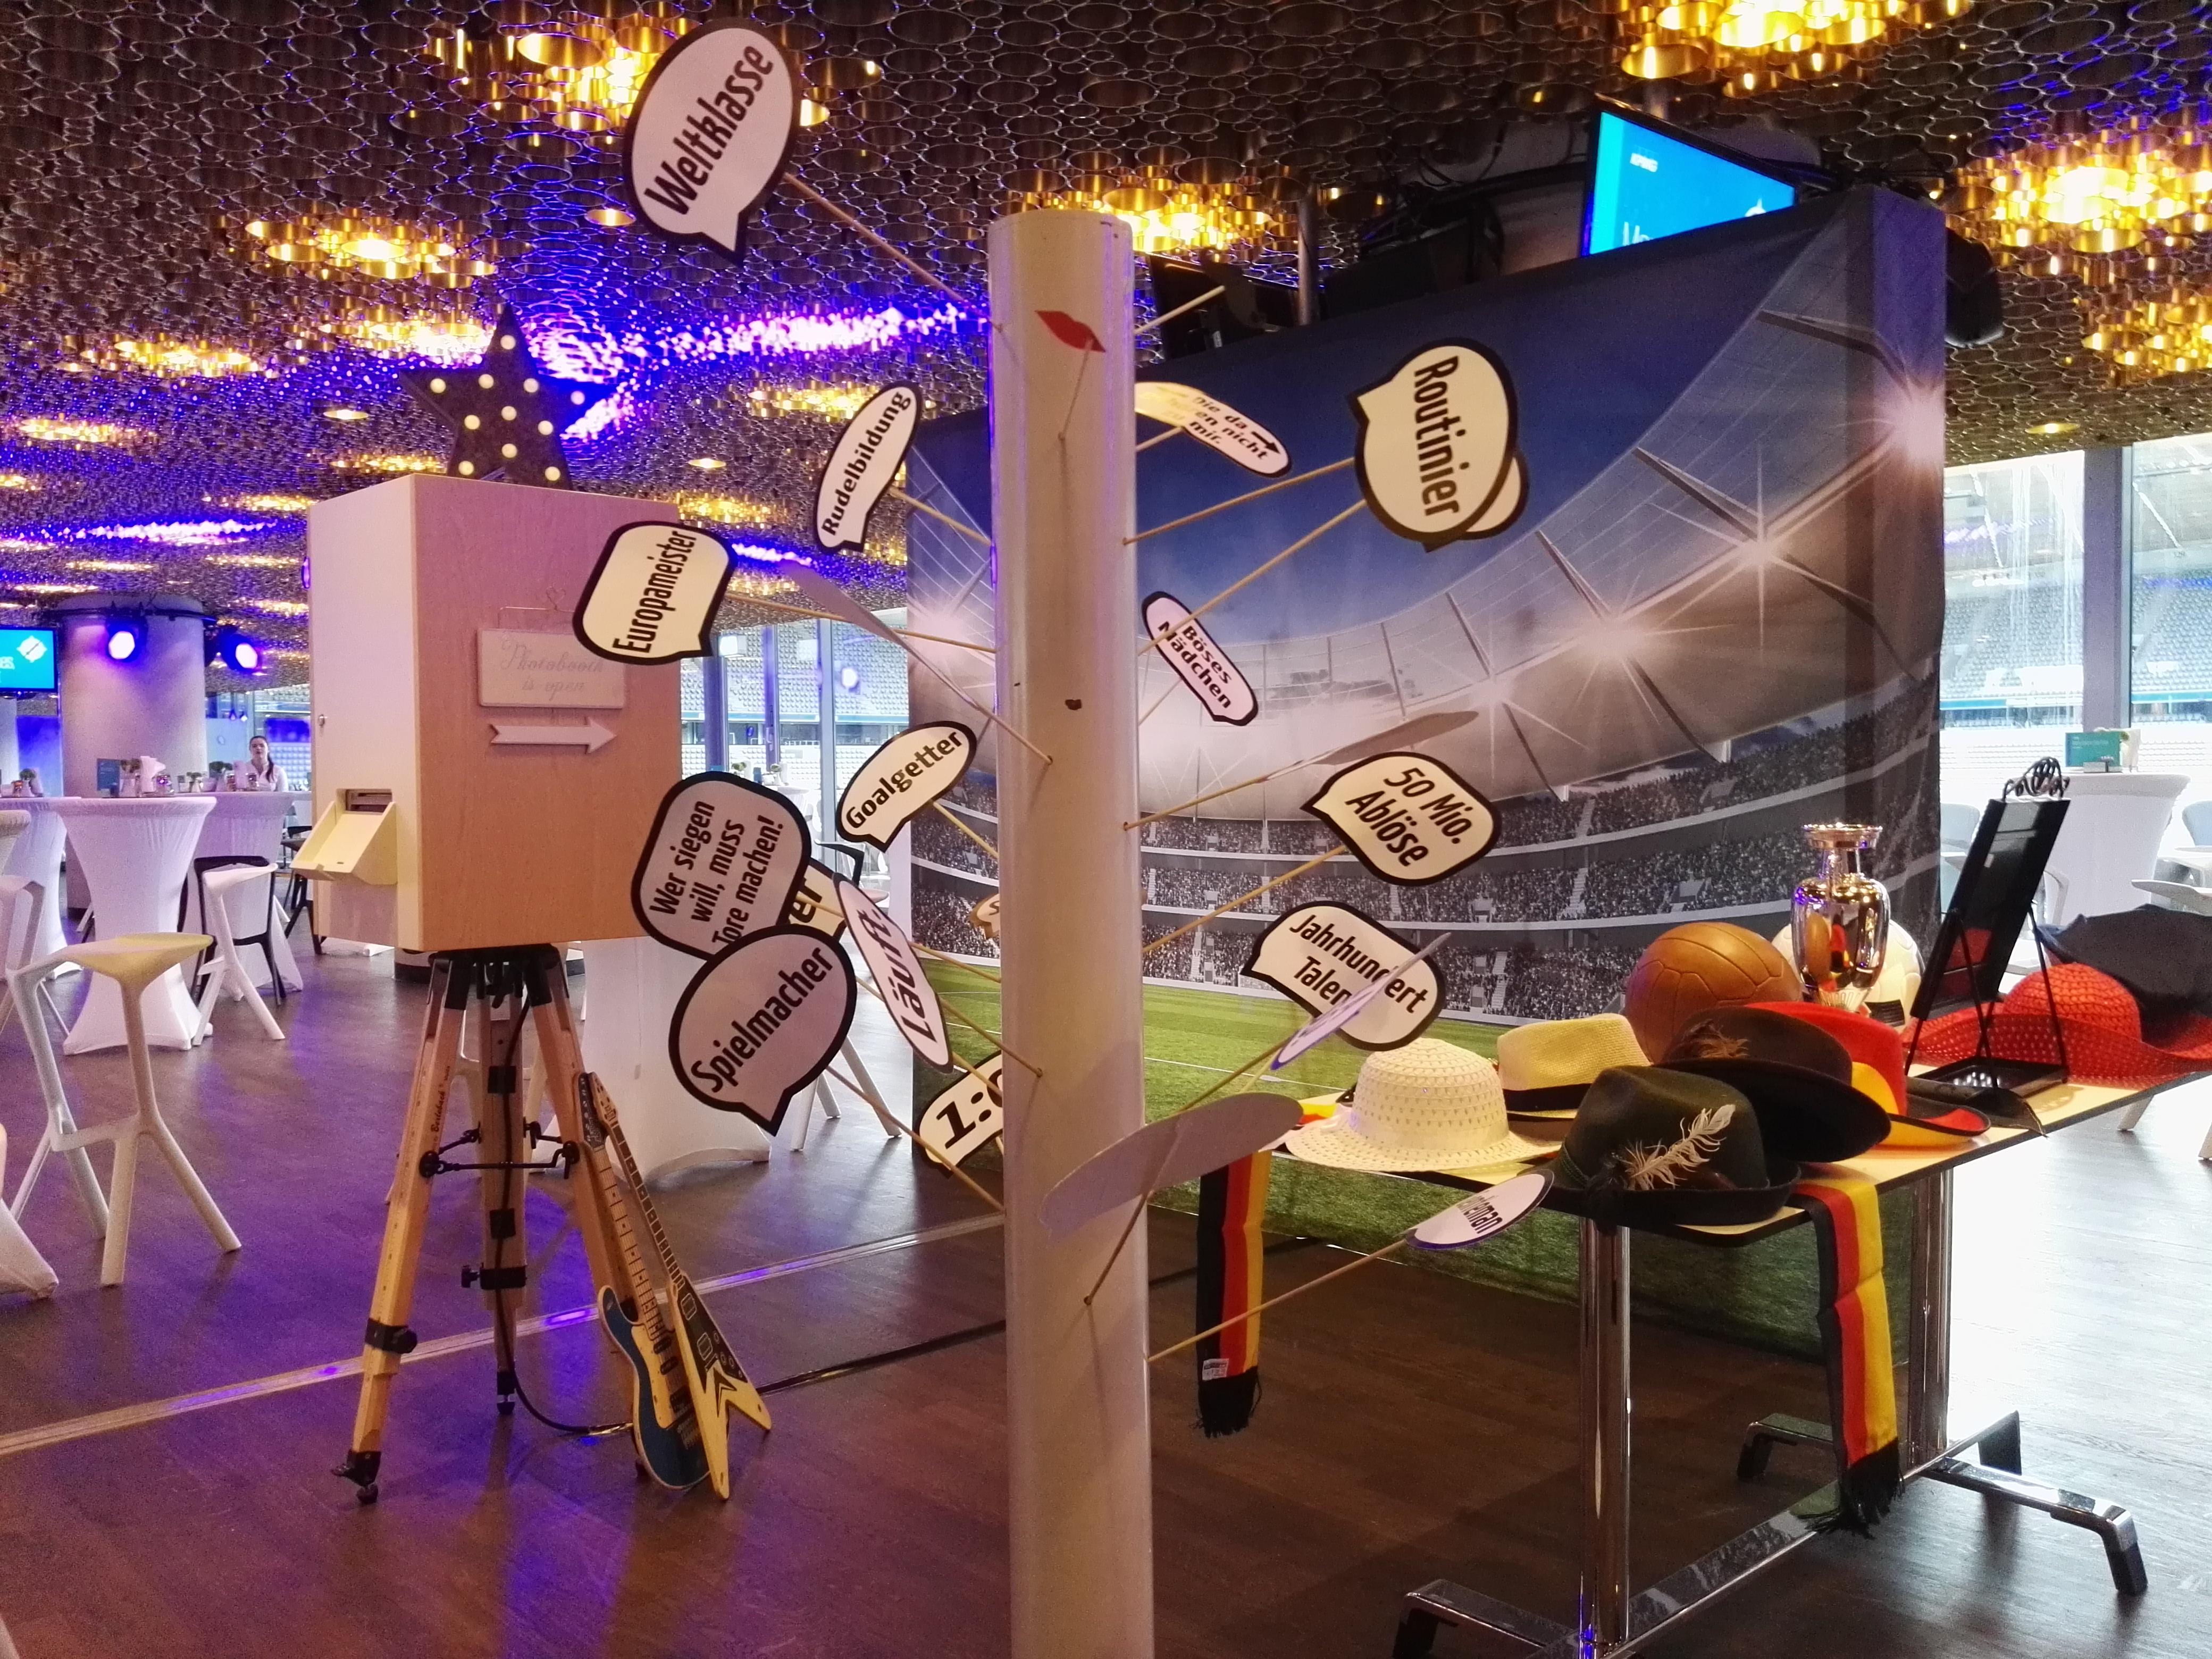 Fotobox Firmenfeier Berlin Sport